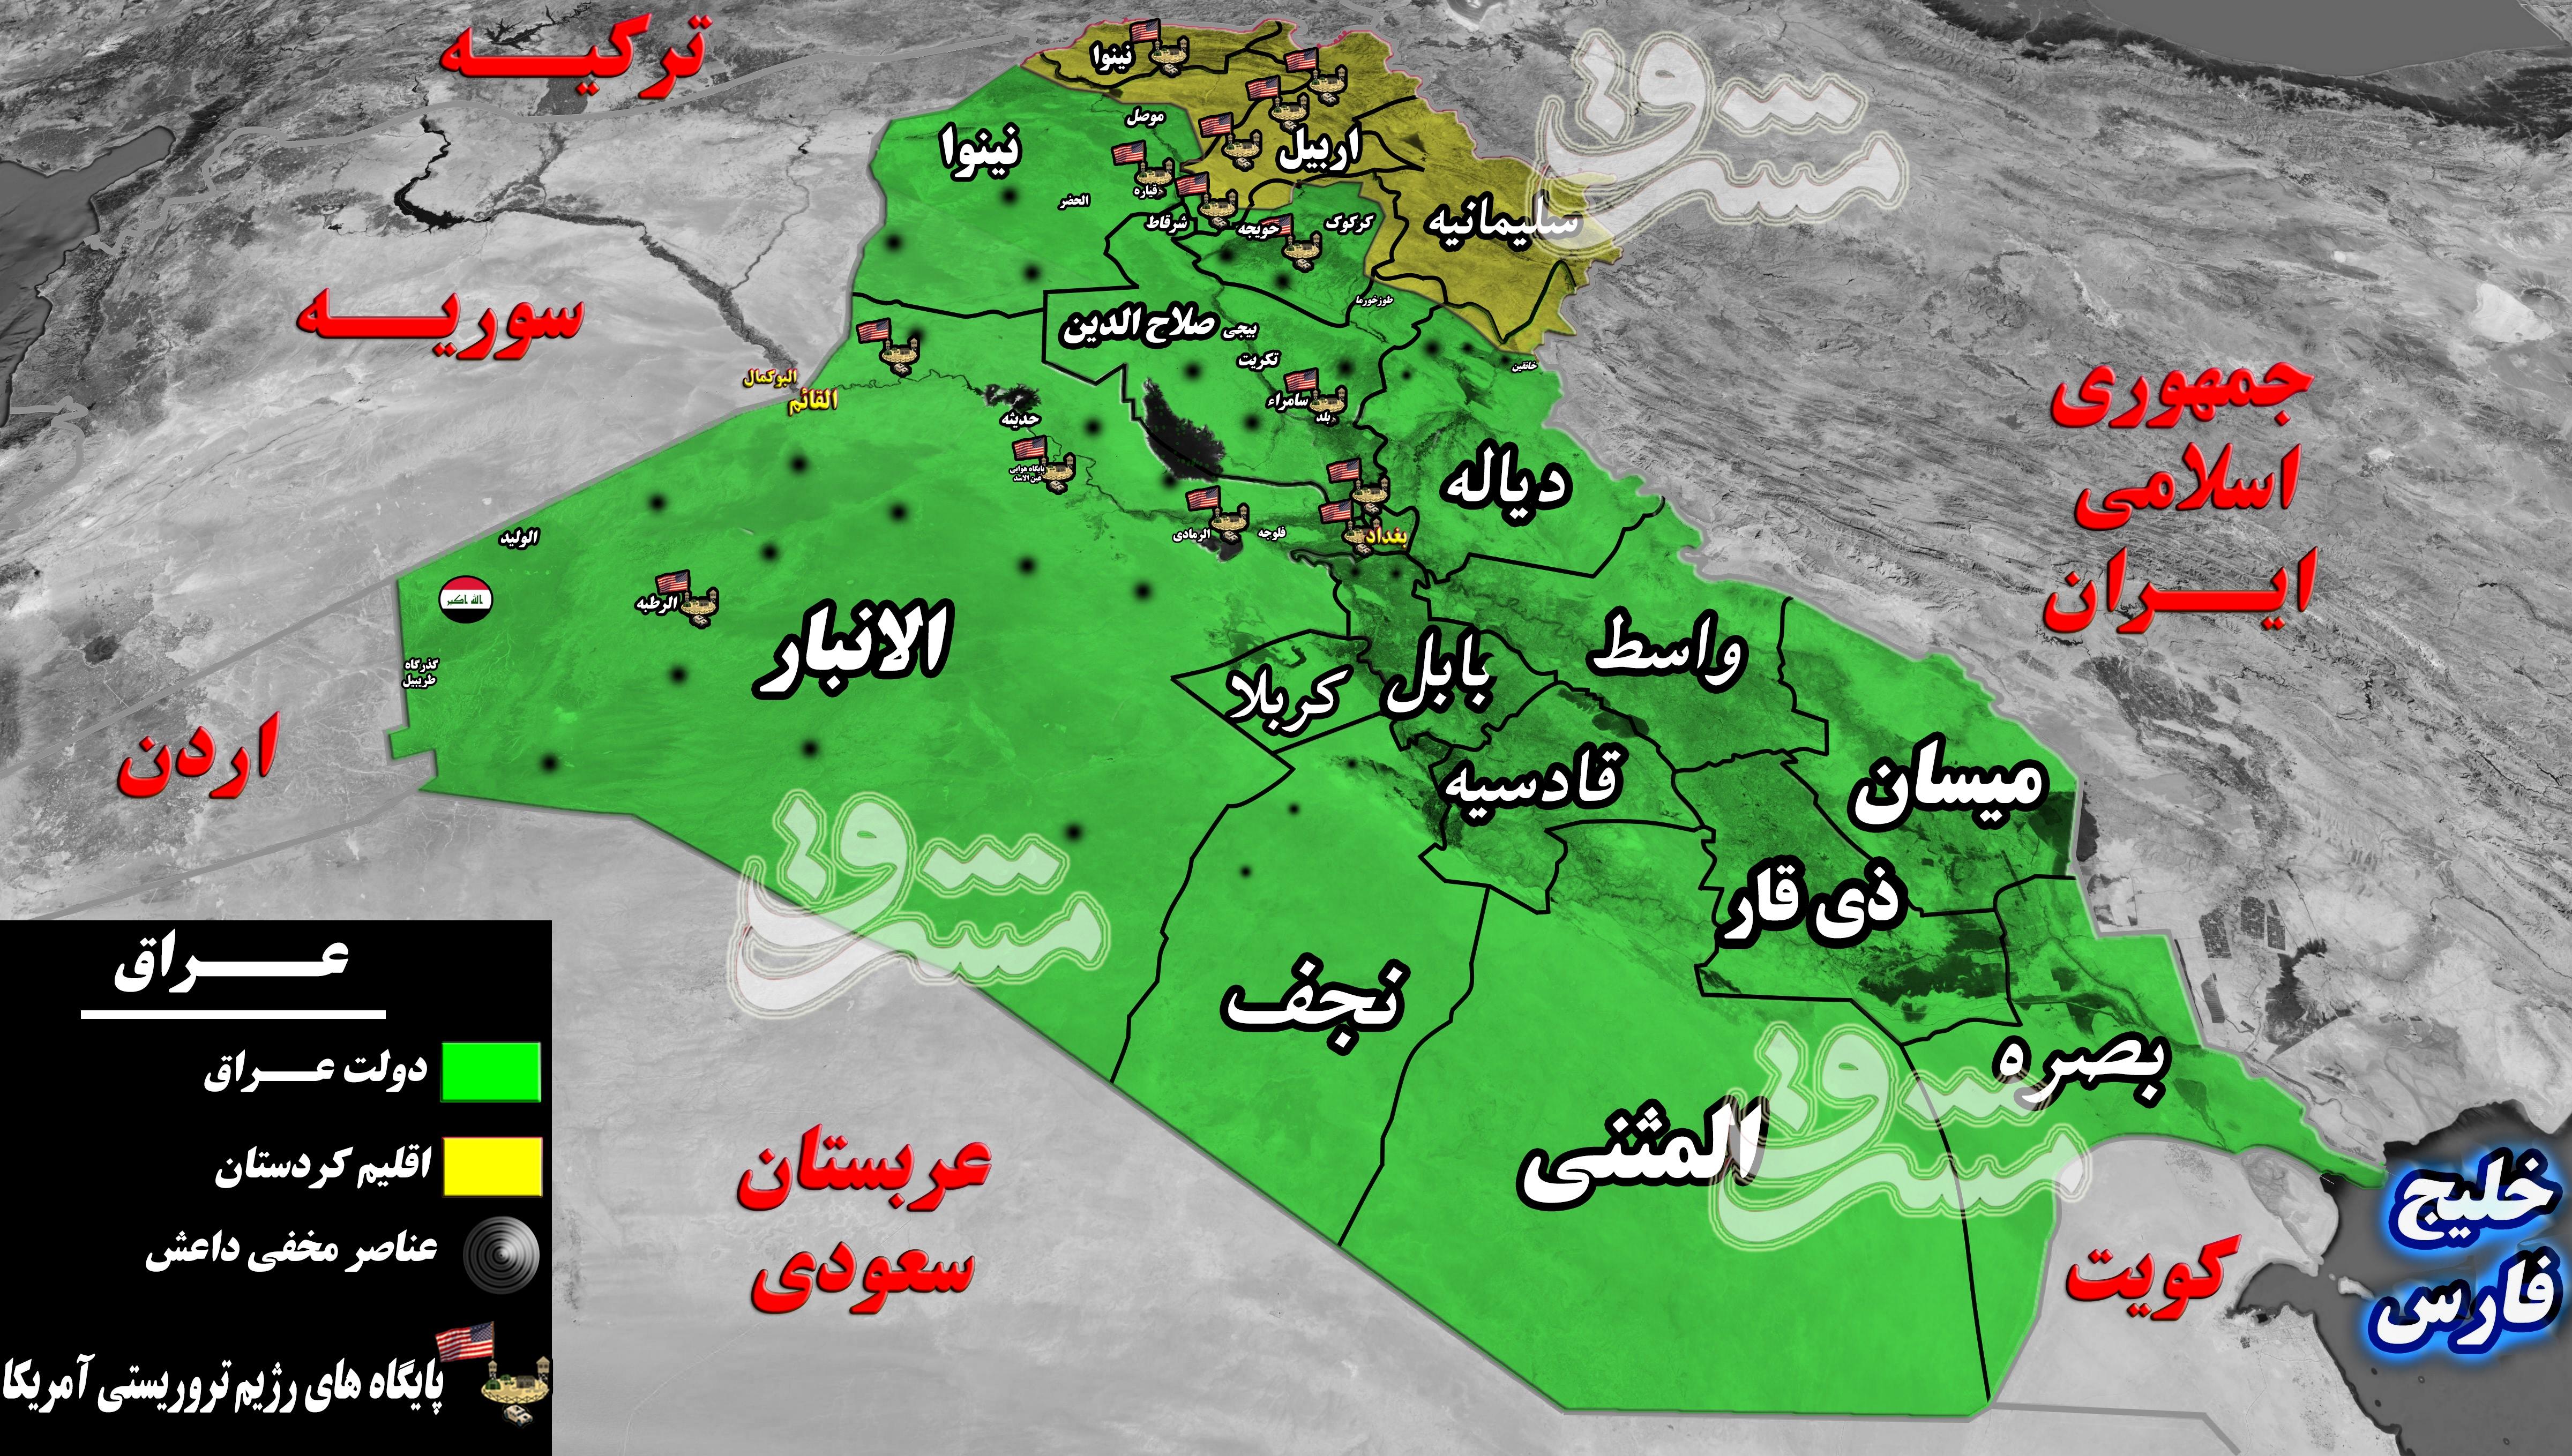 کدام پایگاههای رژیم تروریستی آمریکا در عراق هدف جبهه مقاومت خواهد بود؟ + نقشه میدانی